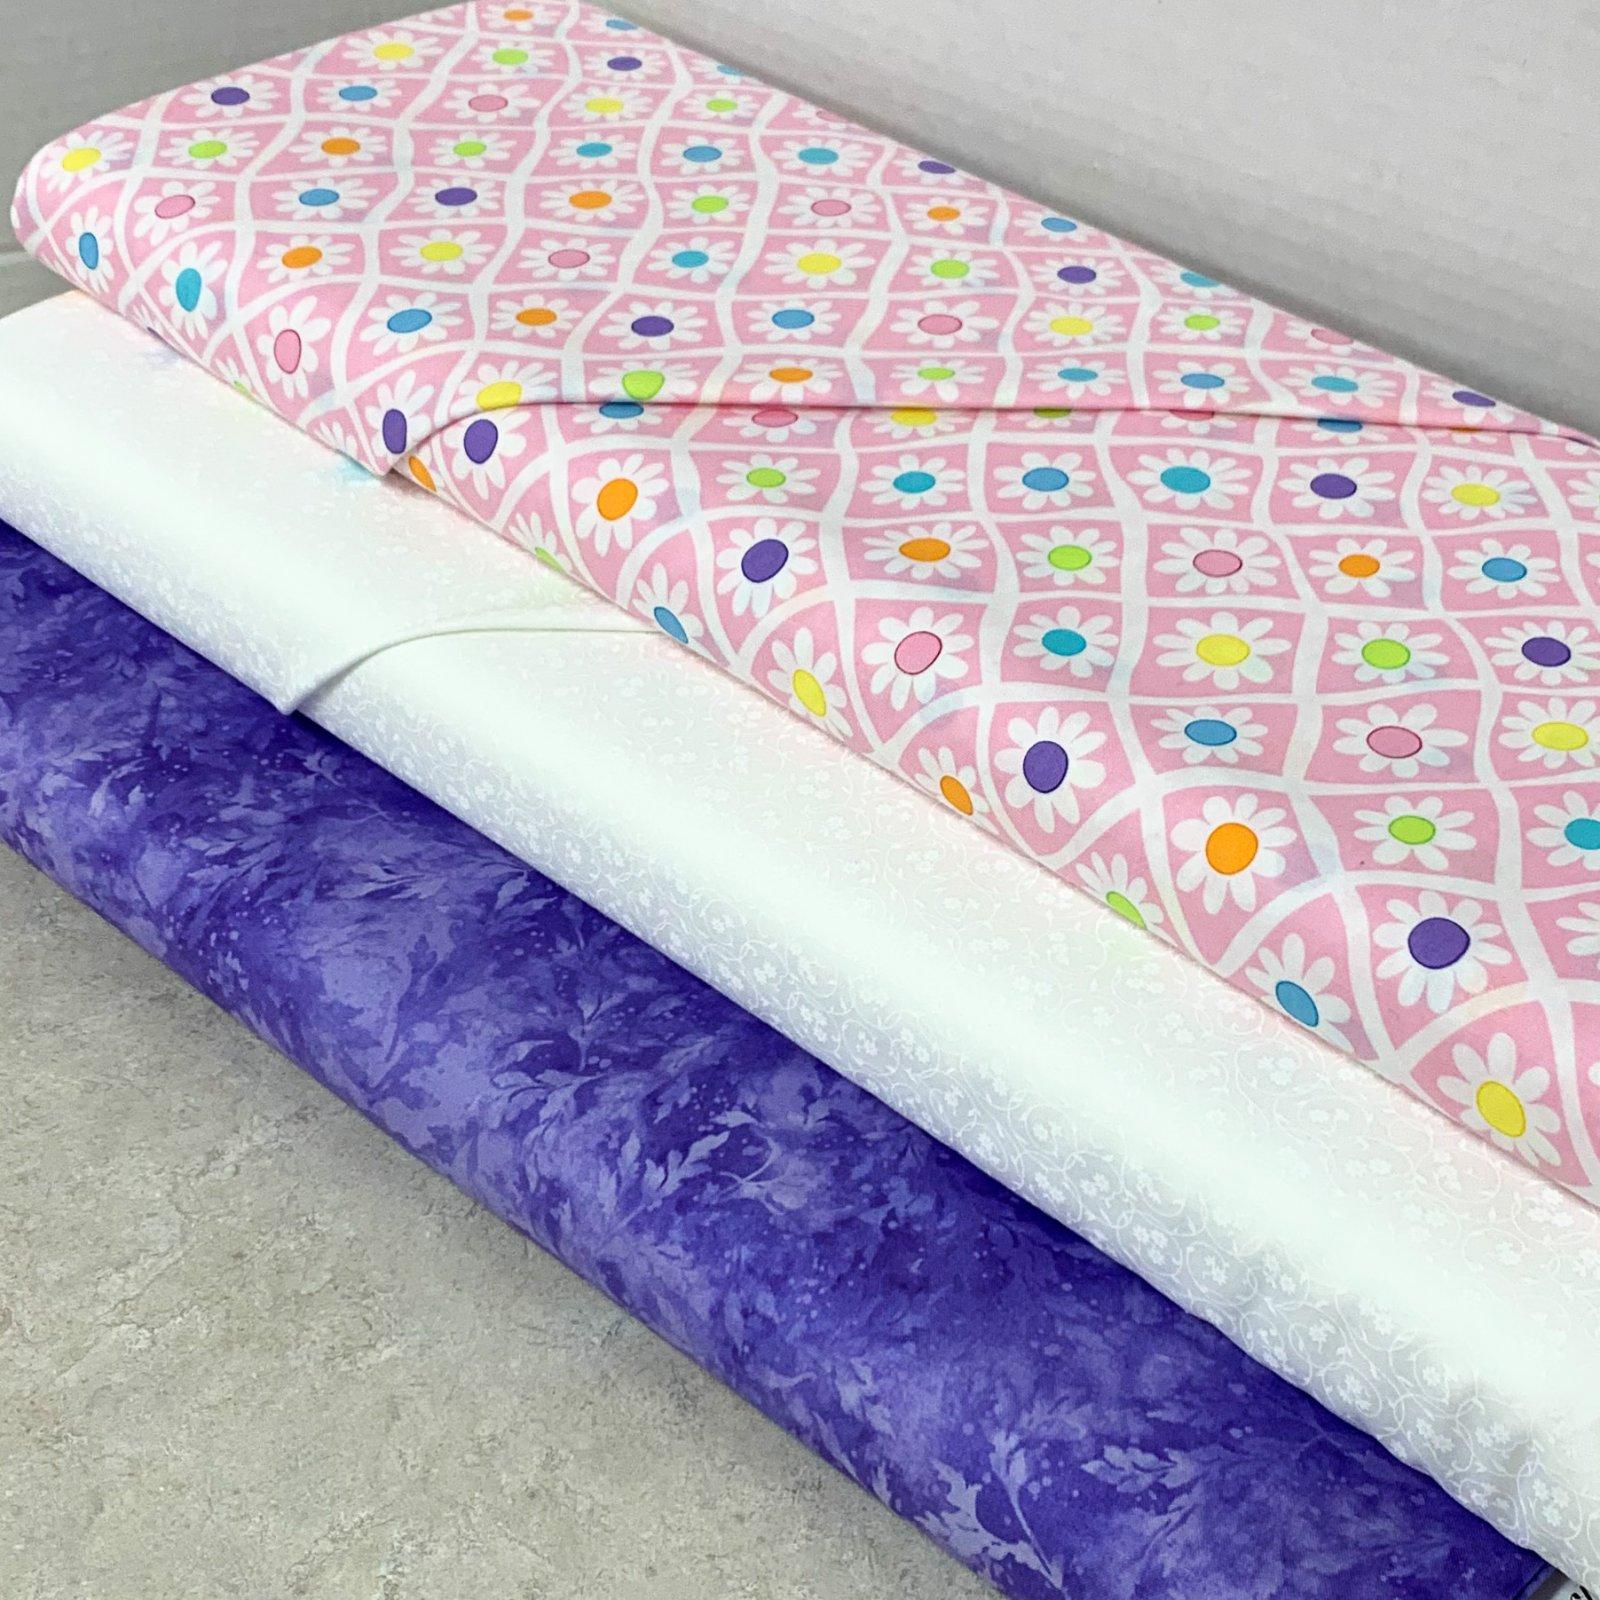 Creekside Flower Power Pillowcase Kit